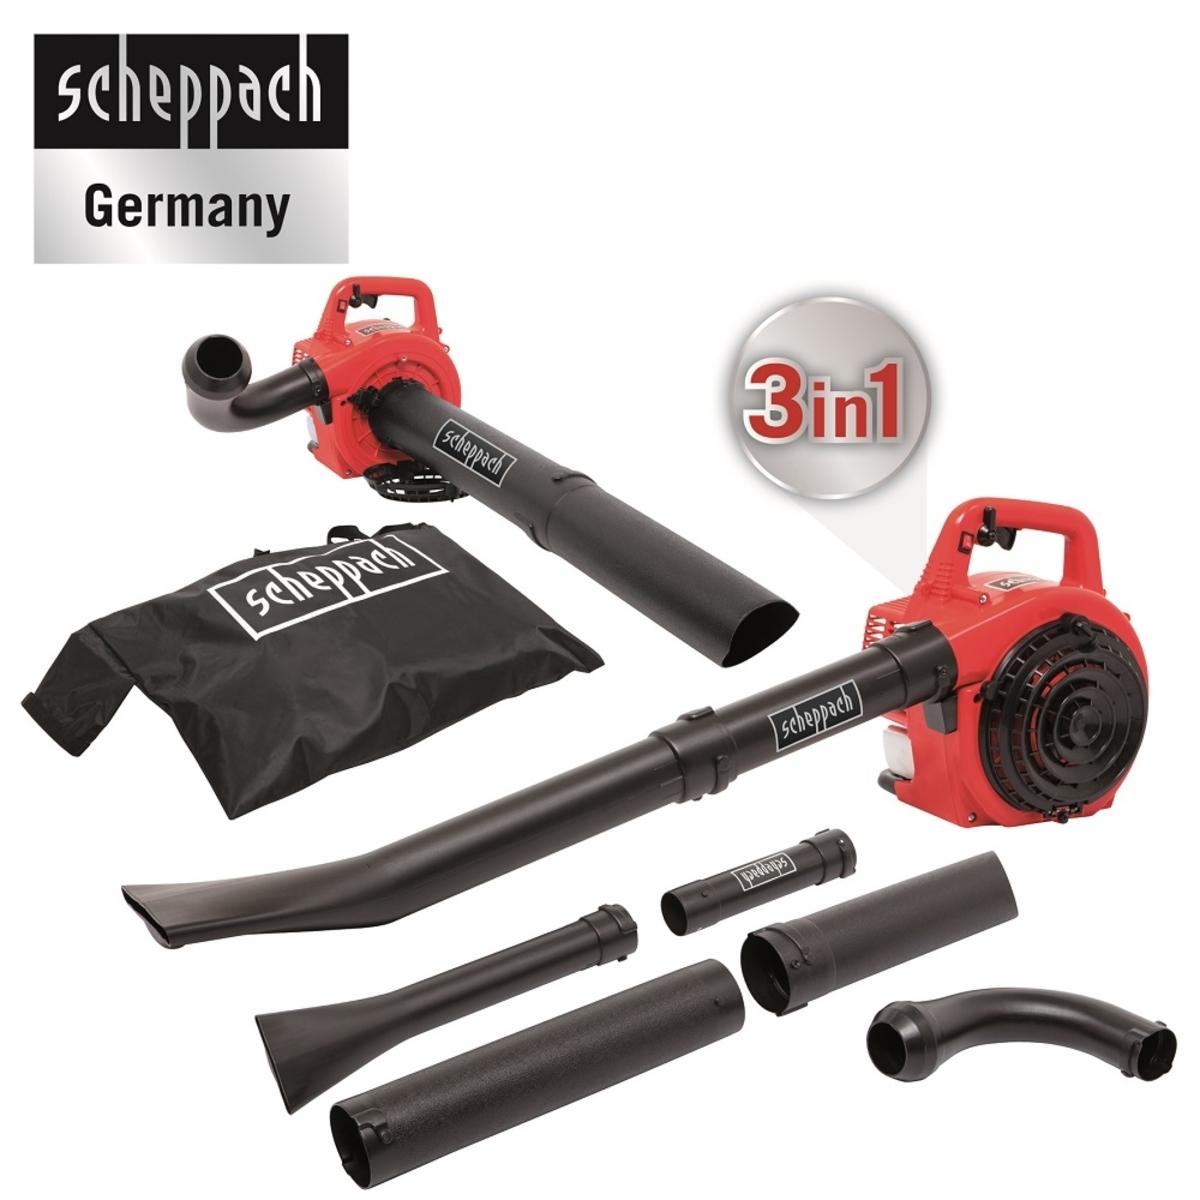 Bild 2 von Scheppach Benzin-Laubbläser LBH2600P